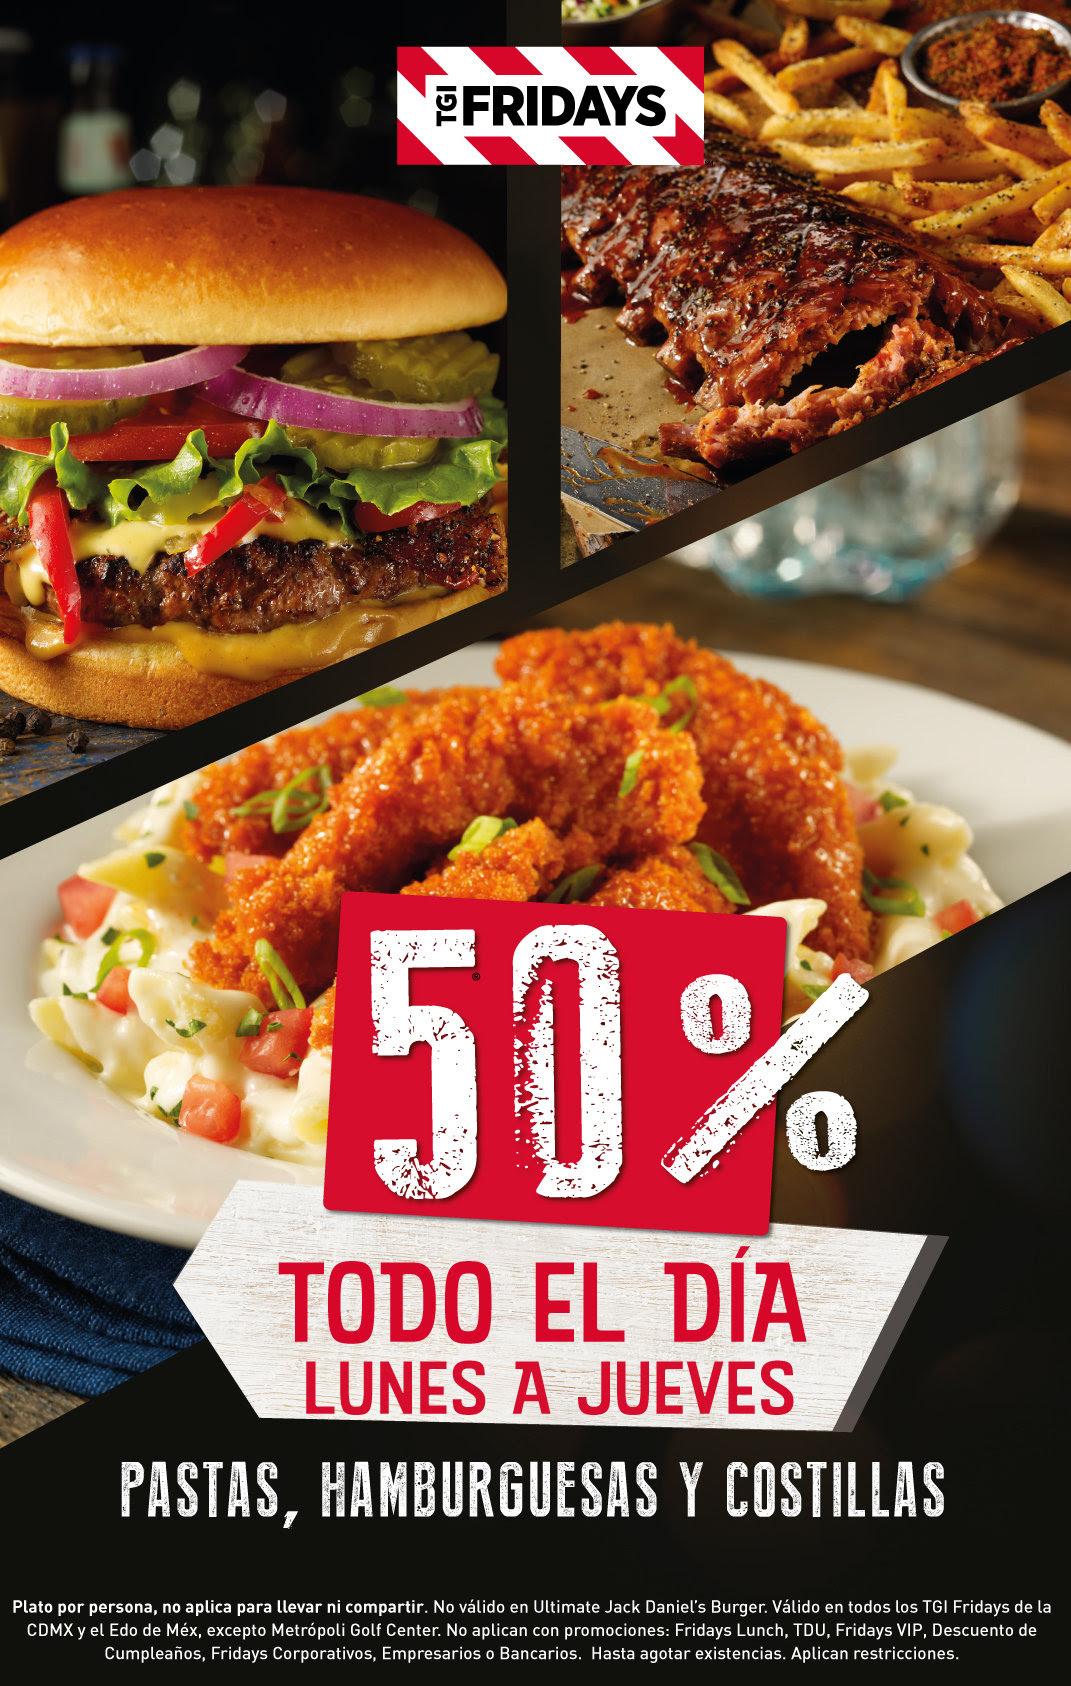 TGI Fridays: 50% en pastas, hamburguesas y costillas CDMX y Edomex